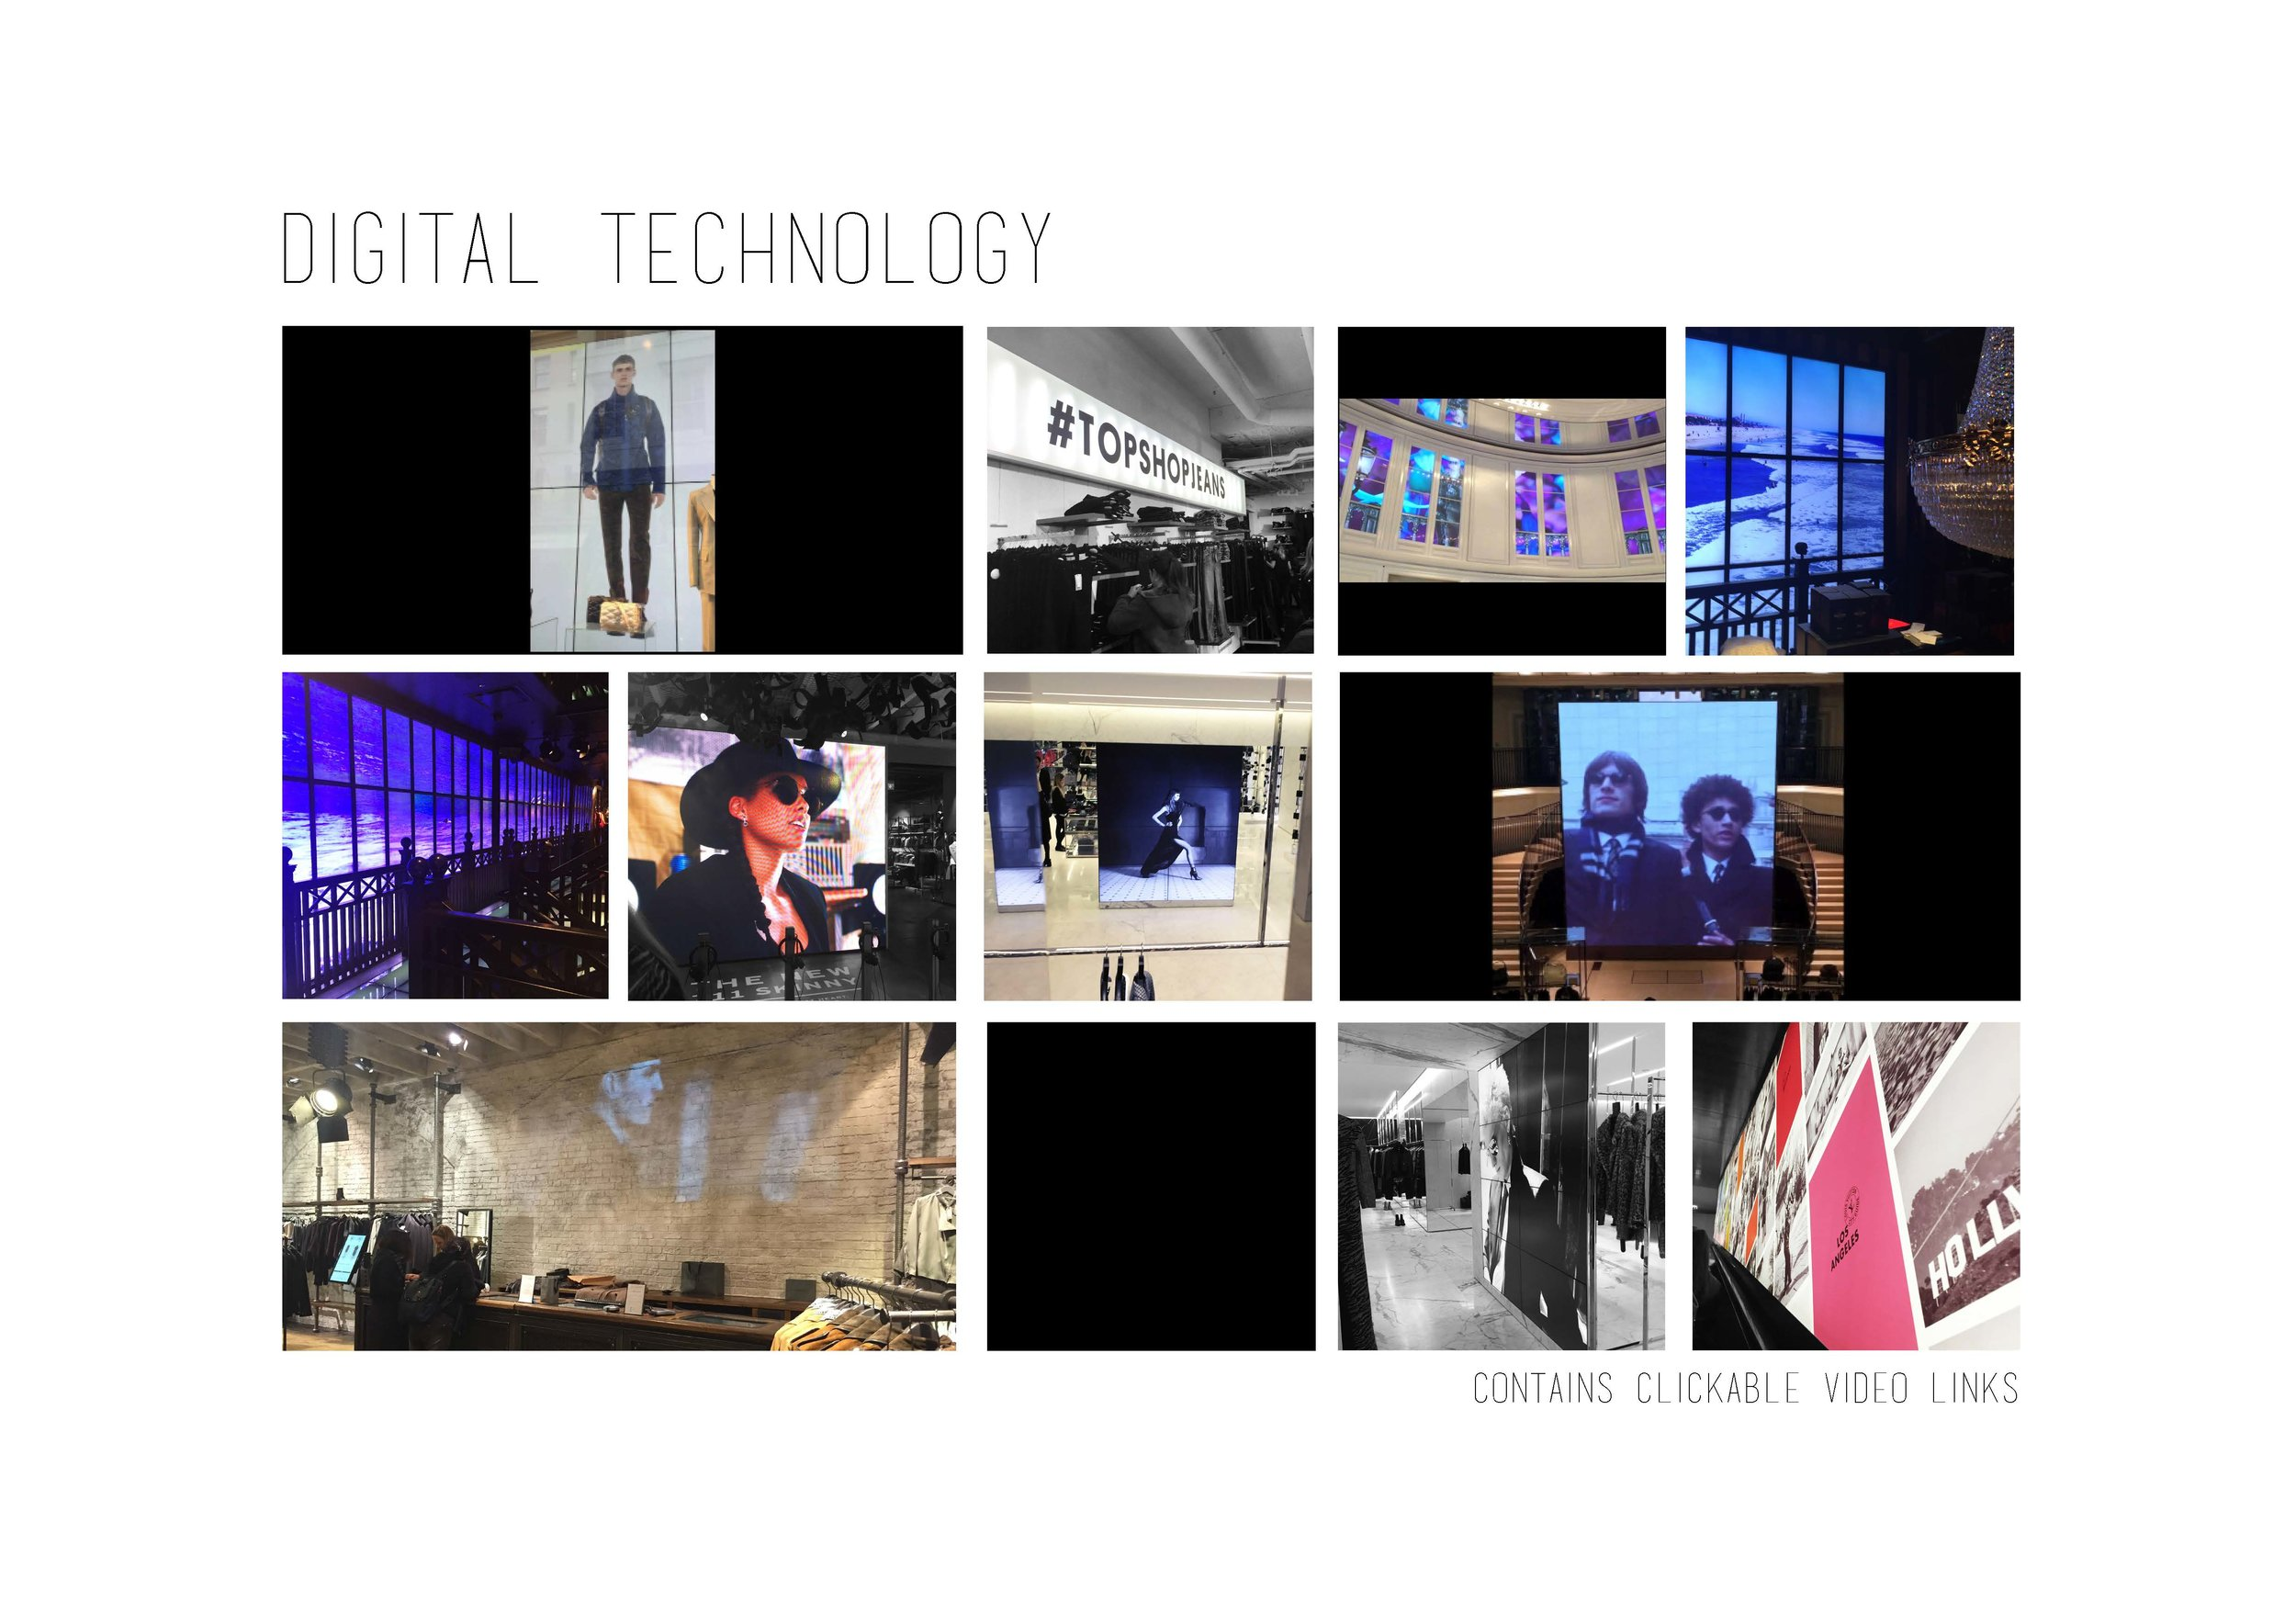 DigitalTechnology.jpg